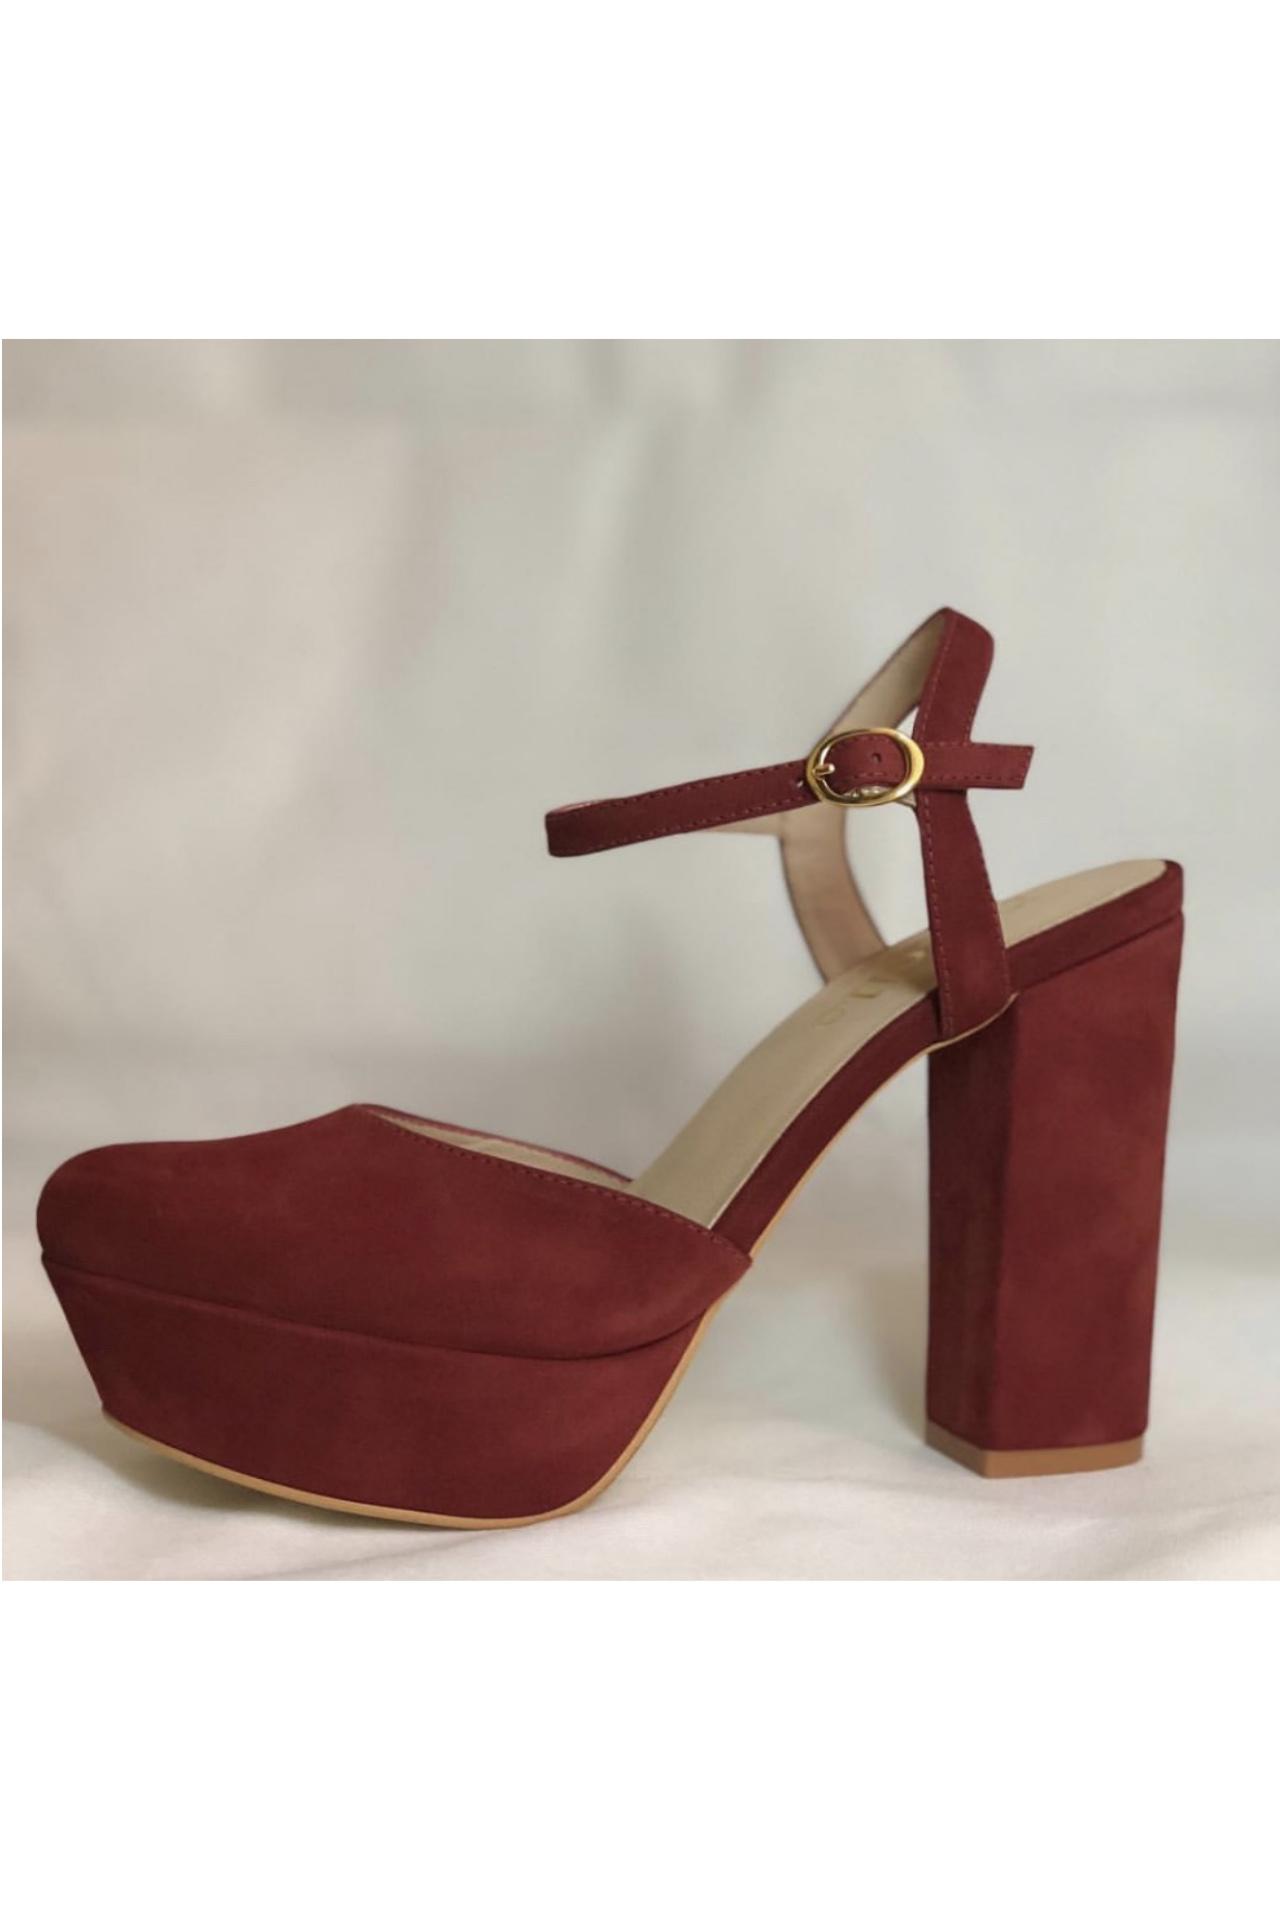 Zapatos 100% de cuero, con un taco de 12cm y una plataforma de 3cm.